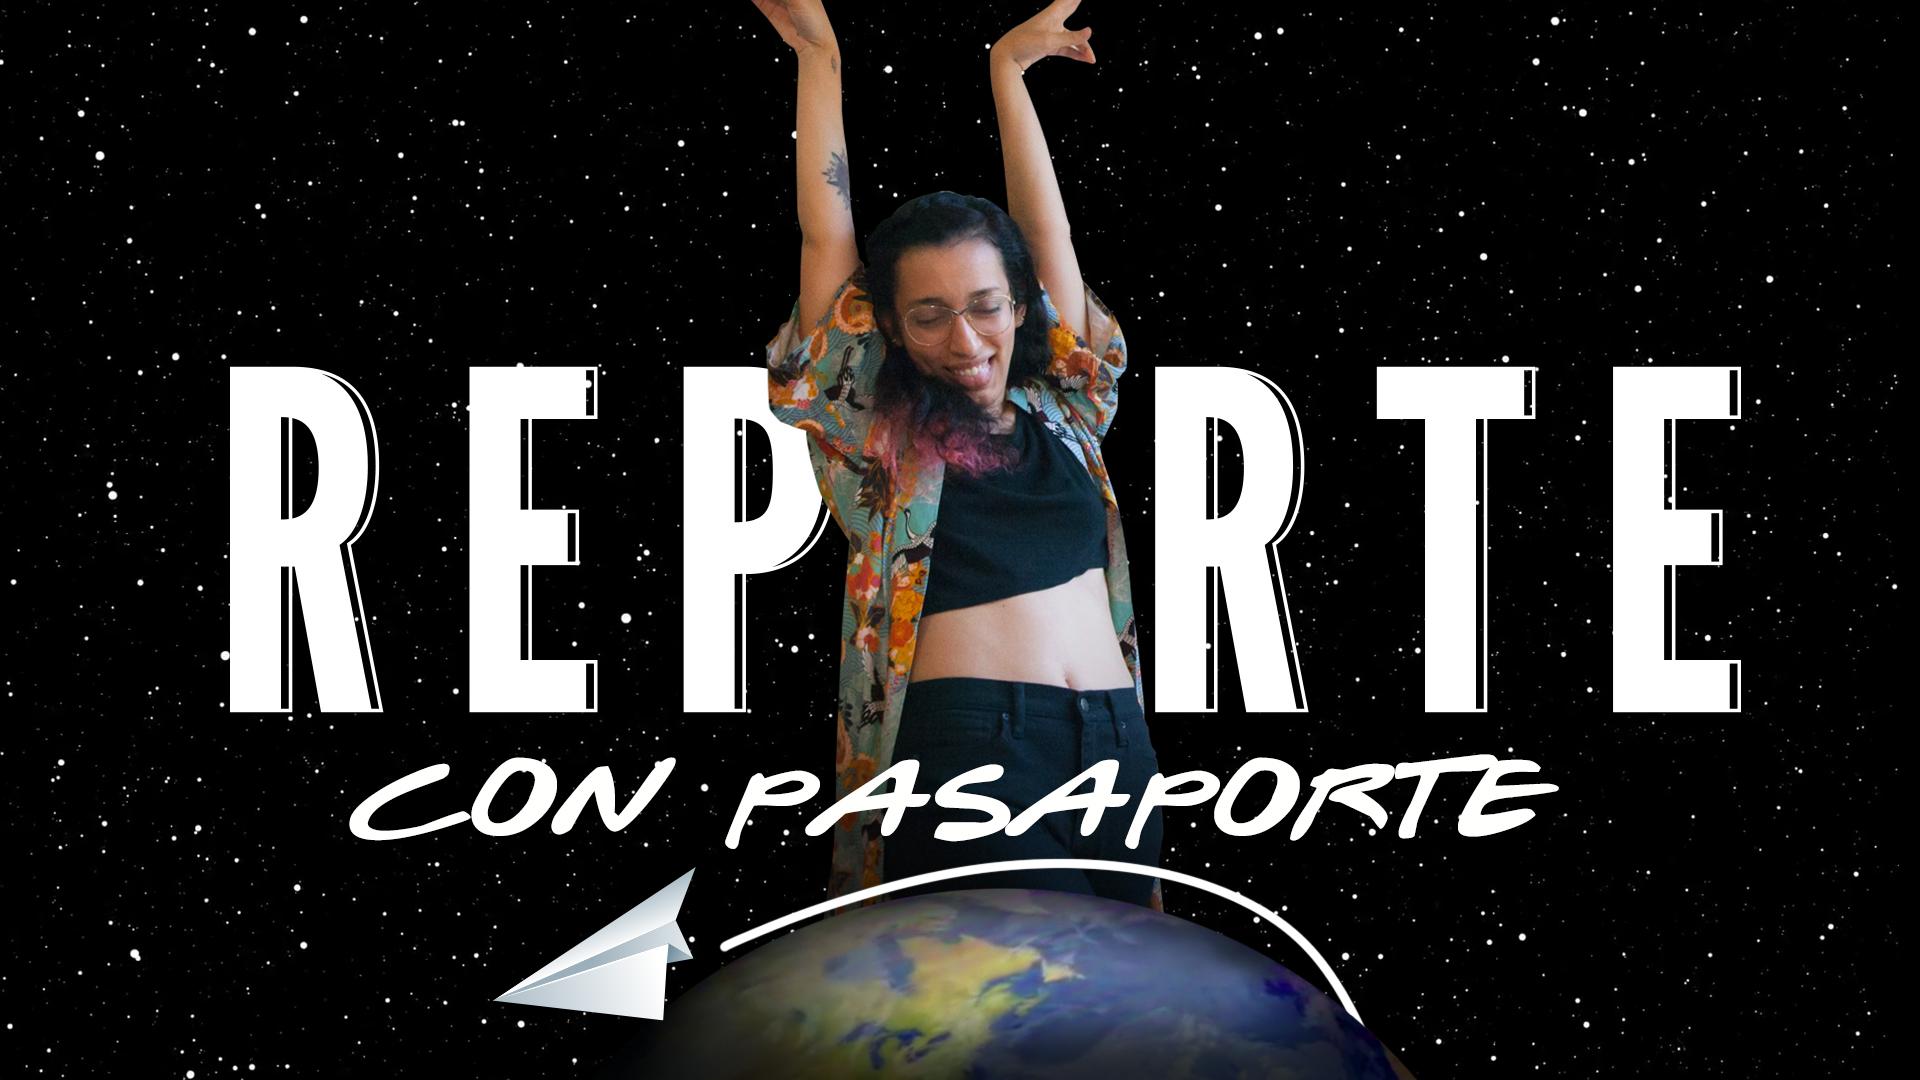 Reporte Semanal - Sketch: Reporte con pasaporte